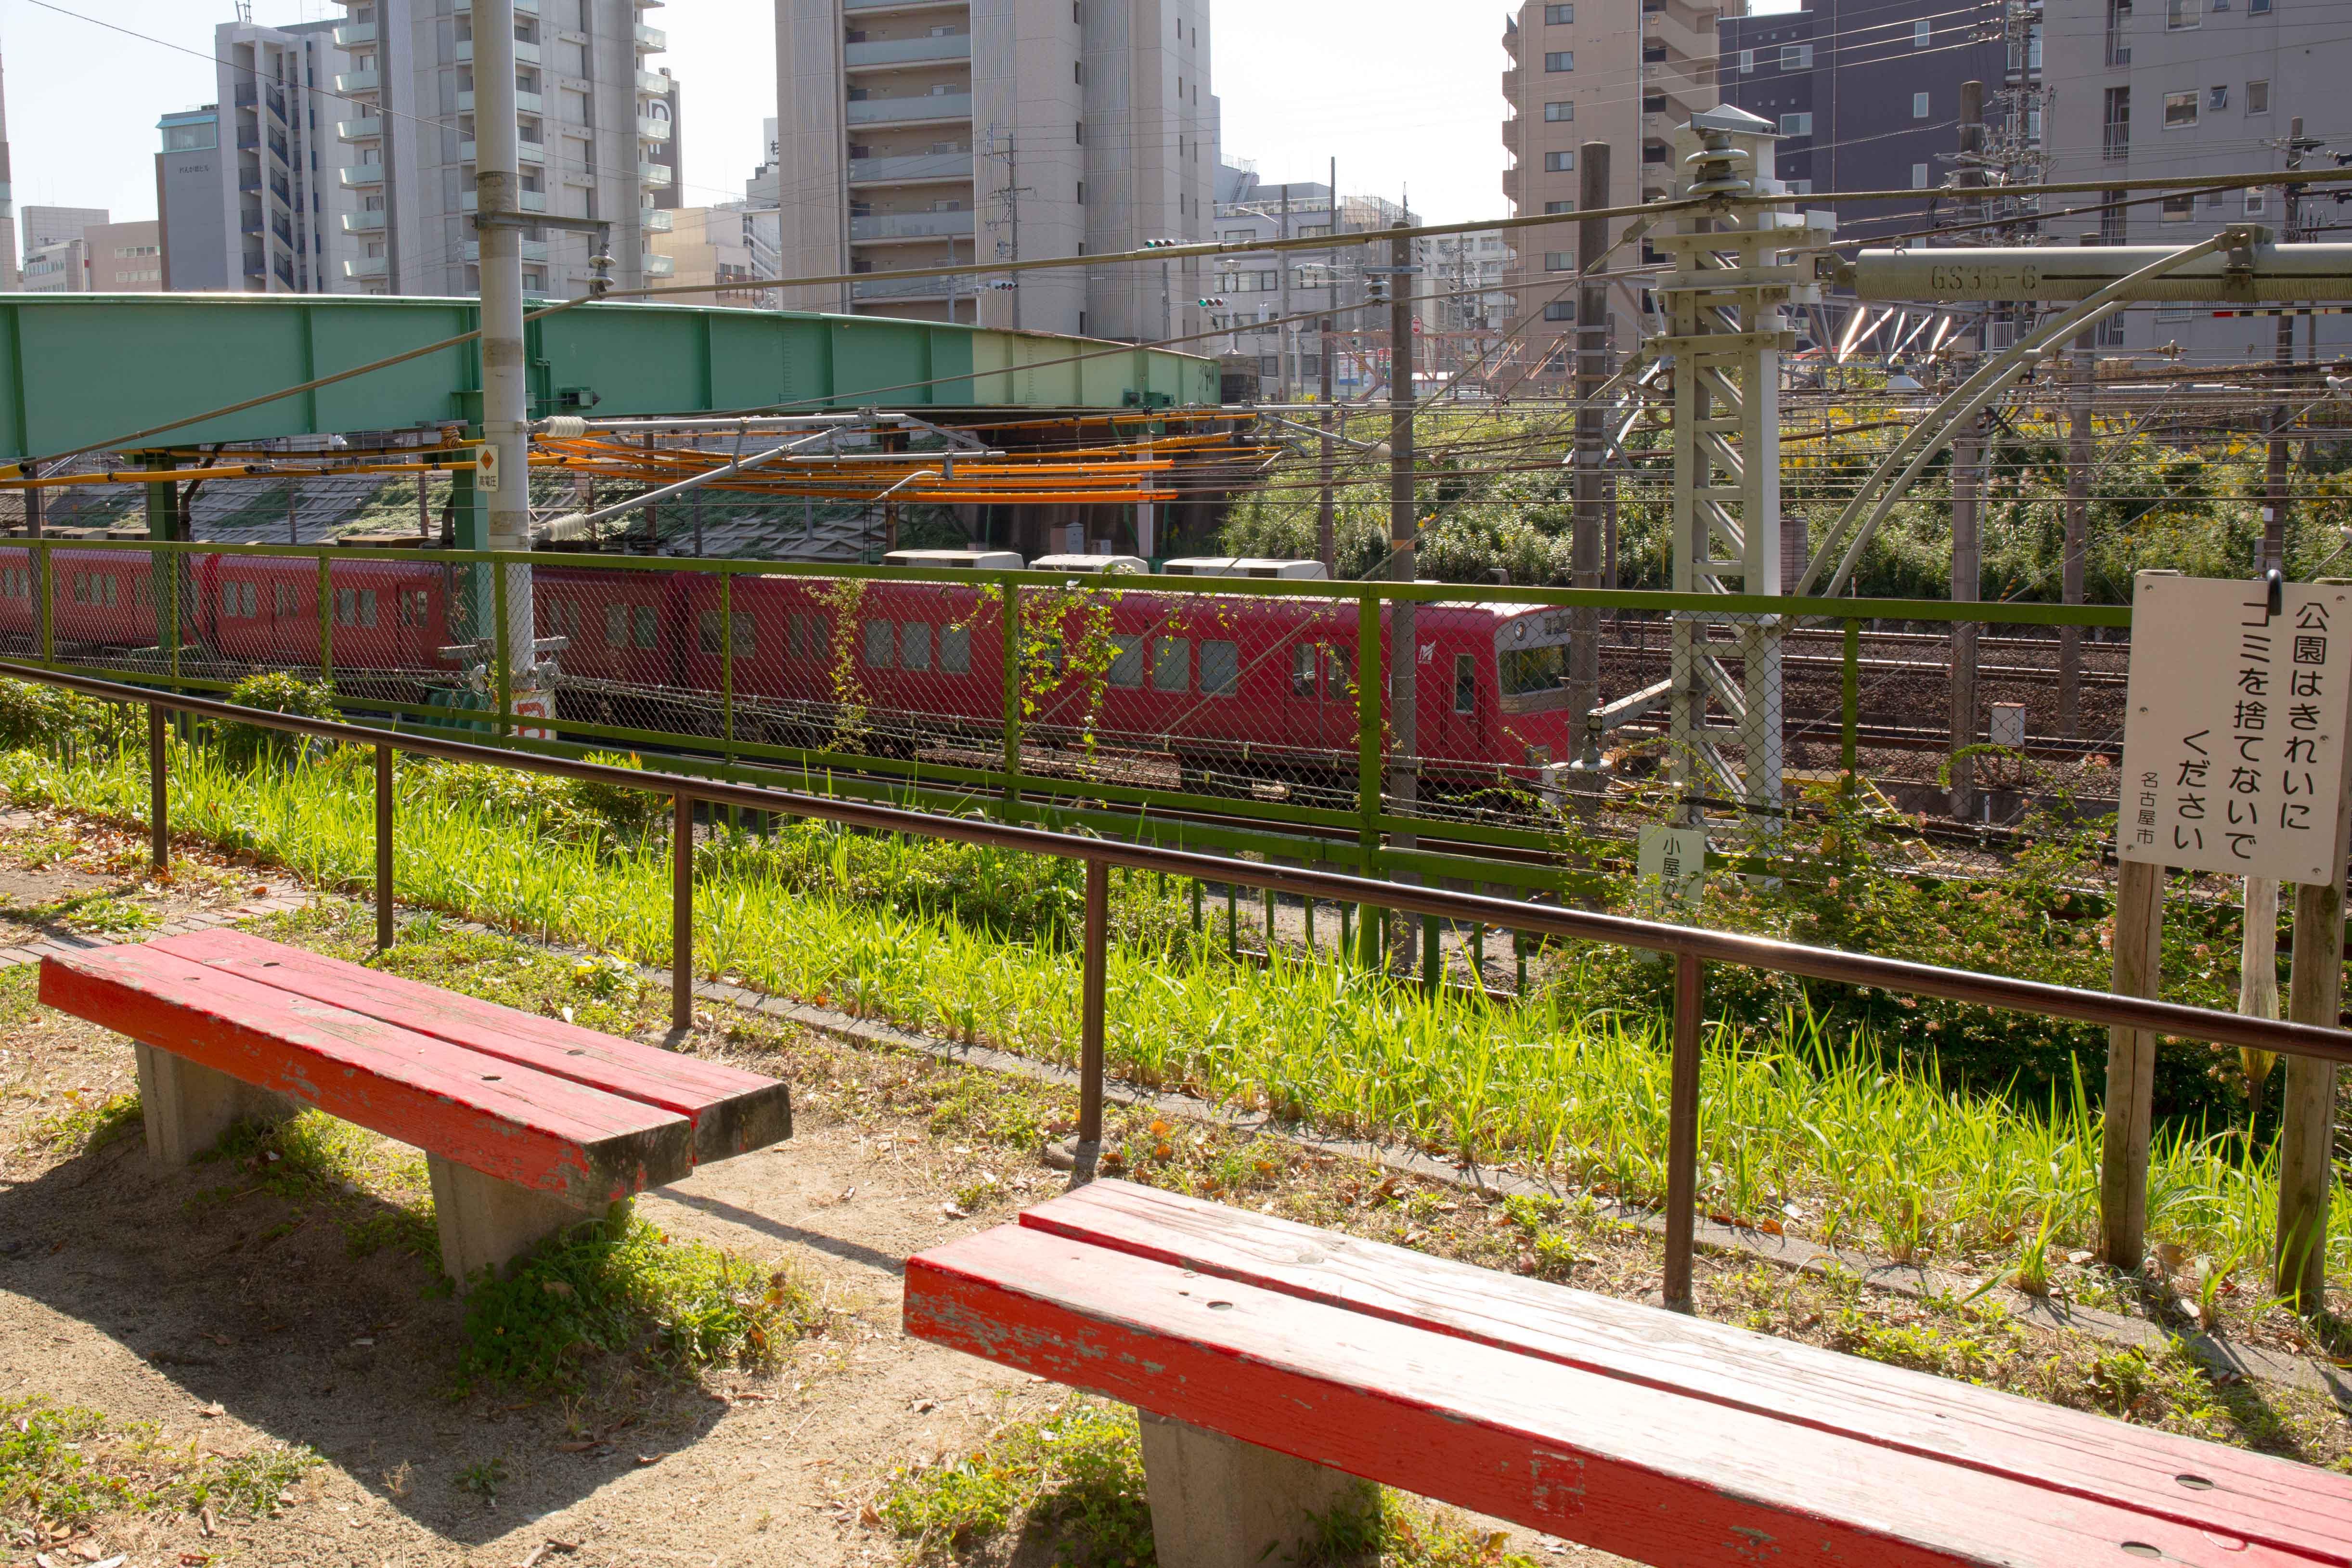 電車の見える公園で子供と楽しむ!名古屋 金山駅から徒歩2分